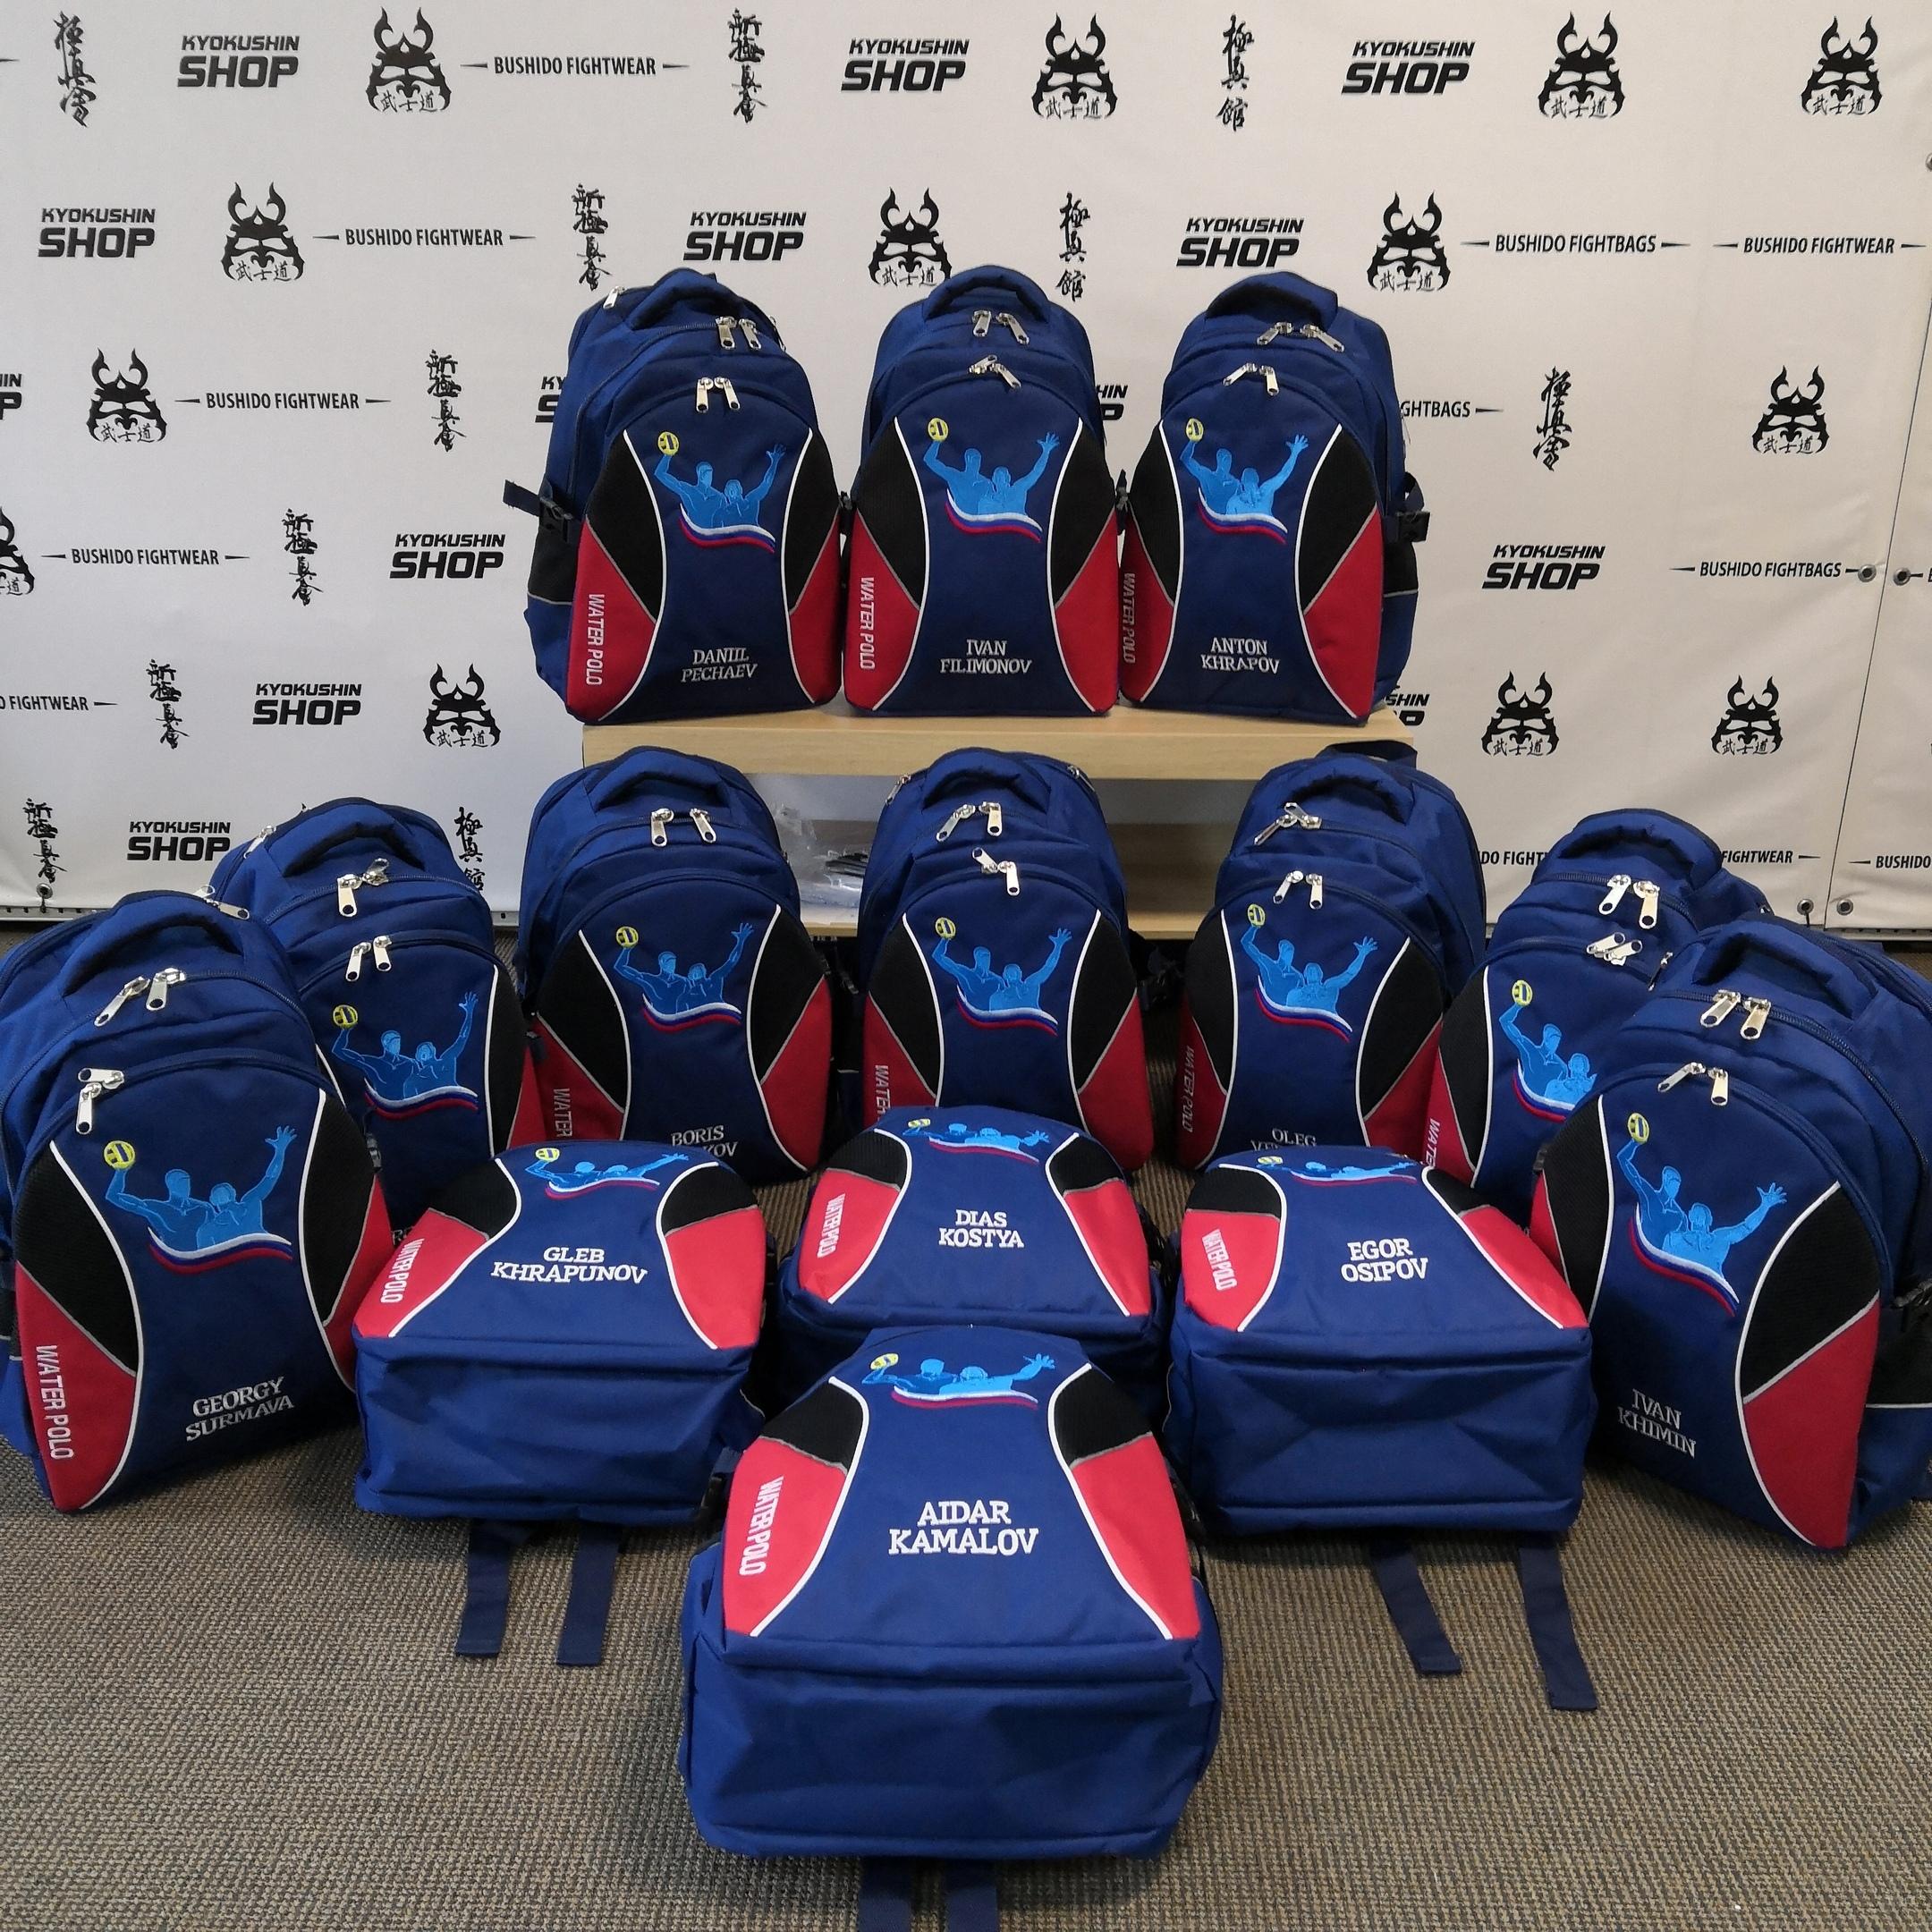 Так вышло, что рюкзаки для водного поло у нас заказывают в основном команды.